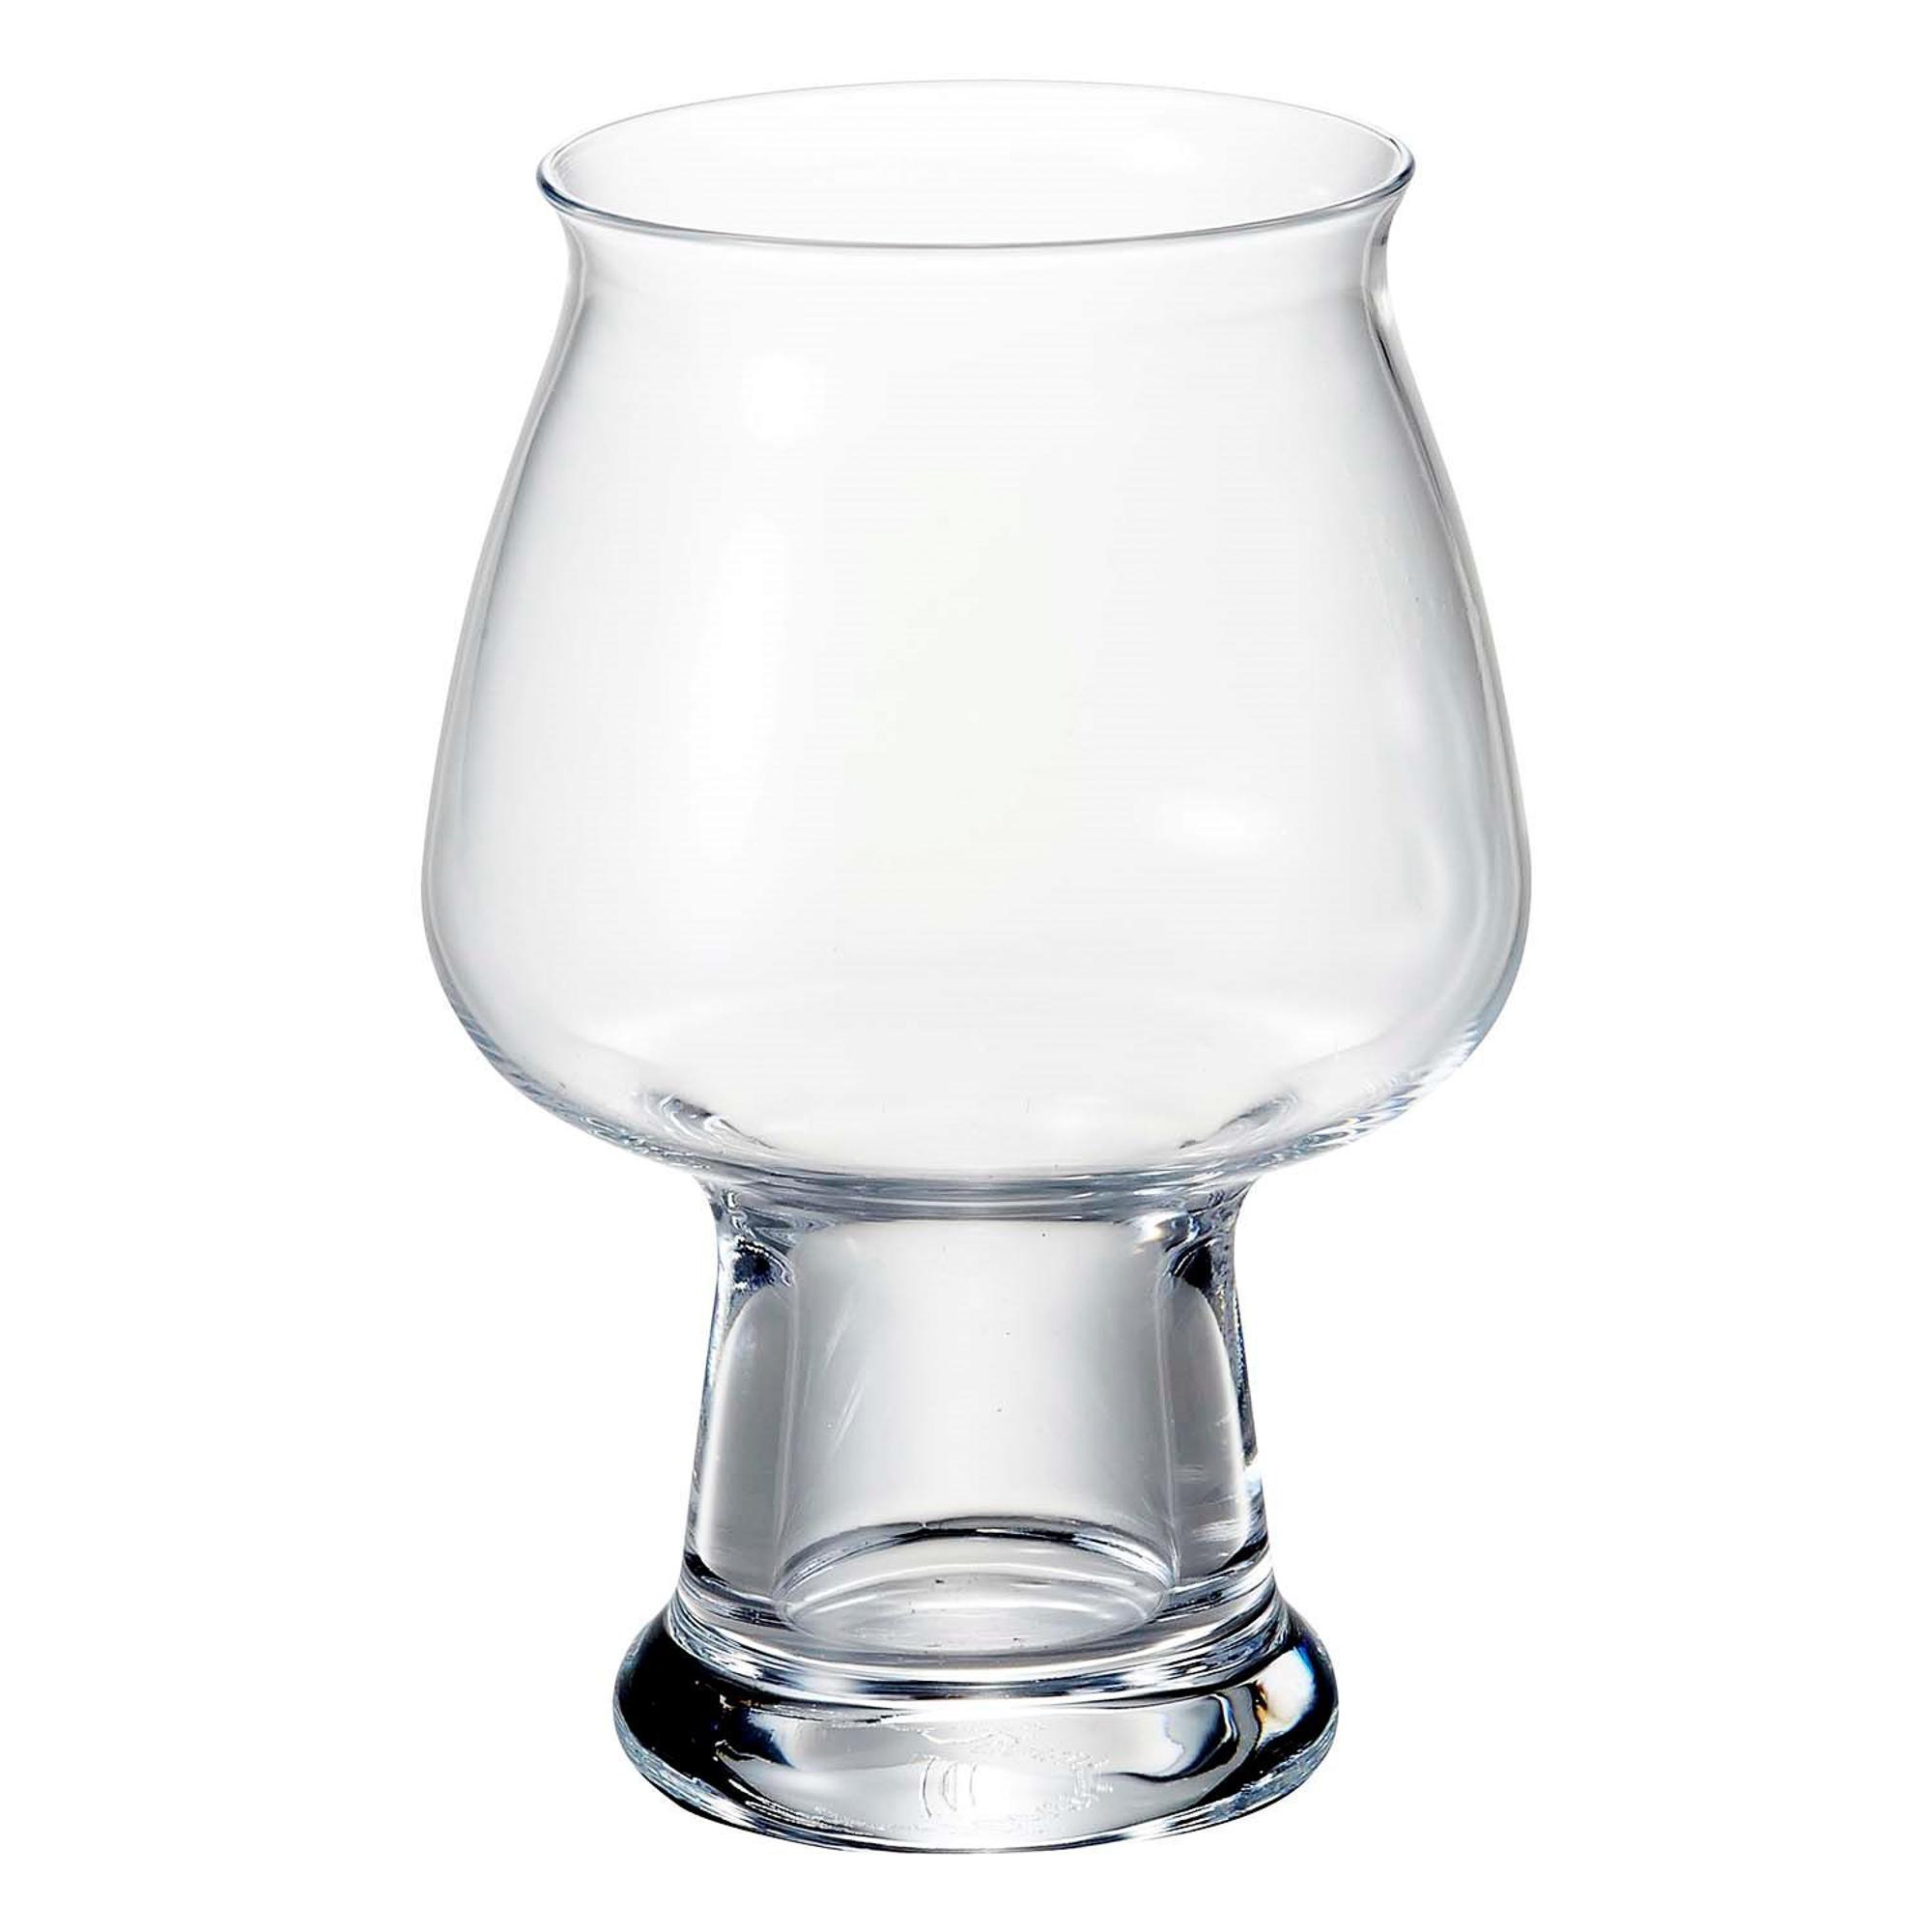 Набор бокалов для пива Luigi Bormioli birrateque 11829/02